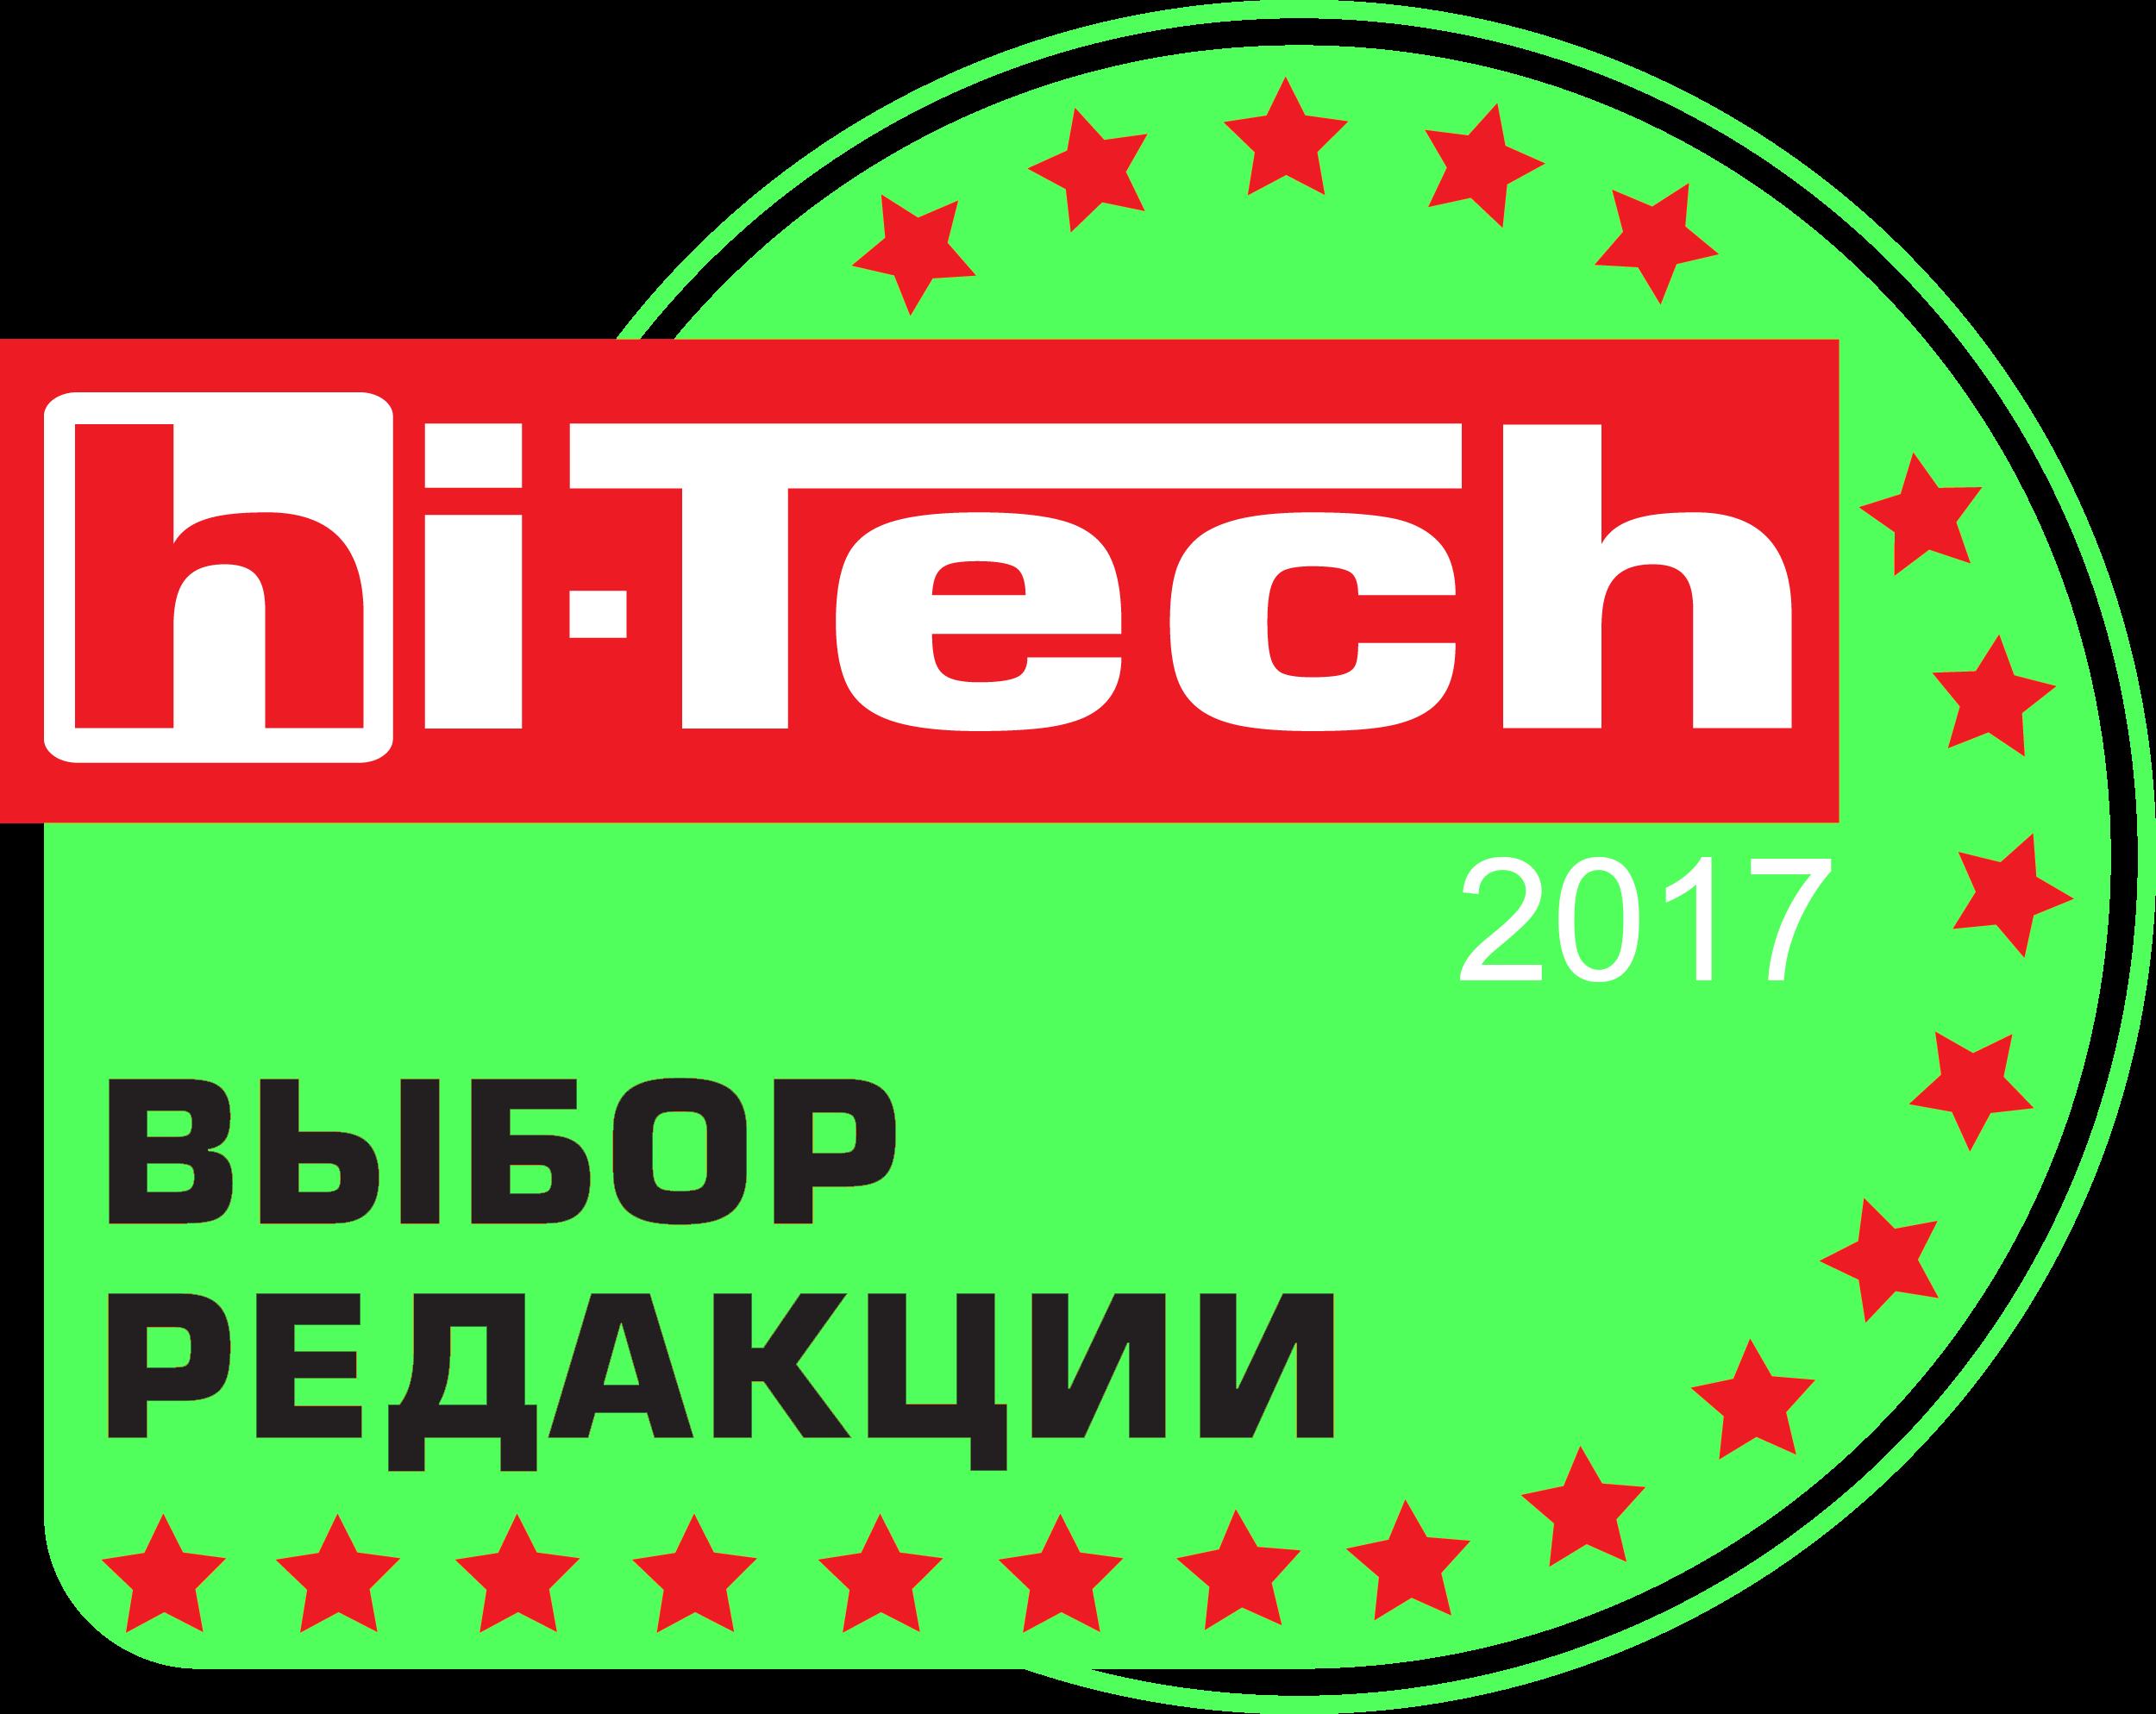 HI_PRO_BEST_green_2017_big